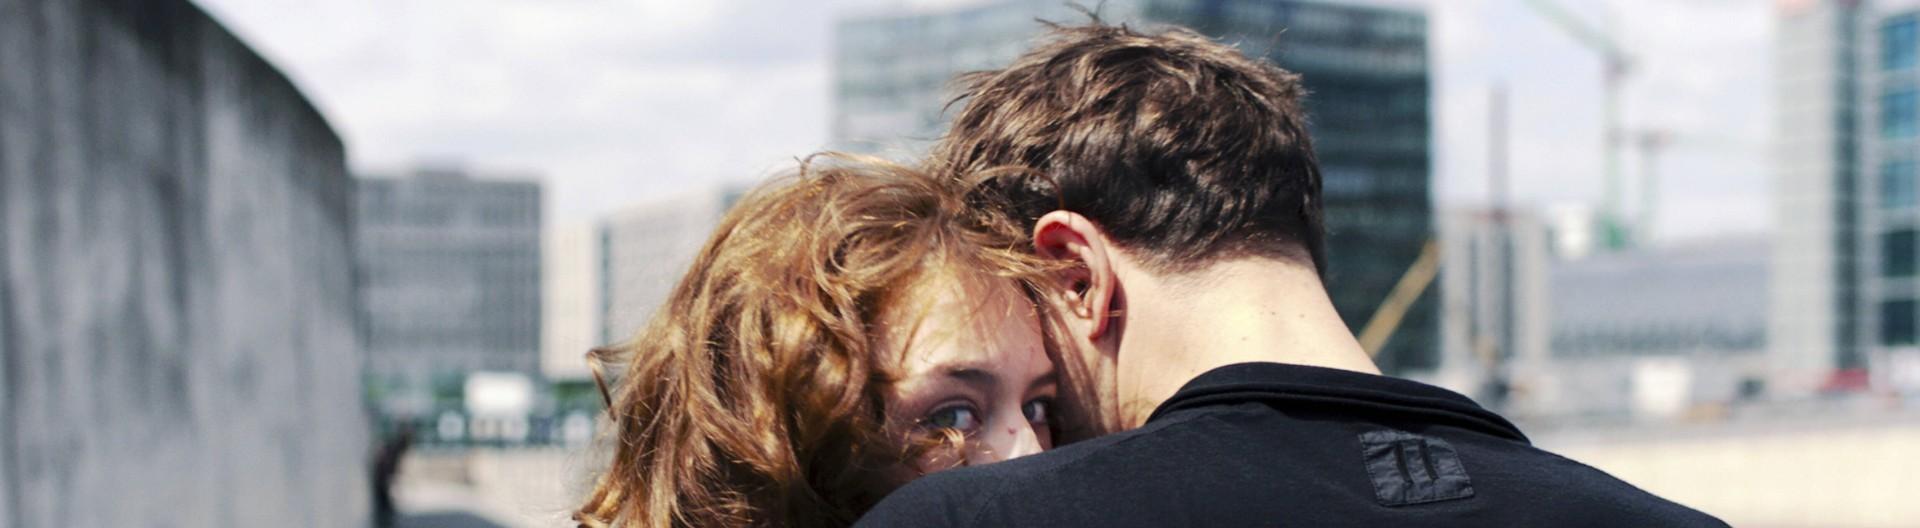 Szene aus Undine mit Paula Beer und Franz Rogowski